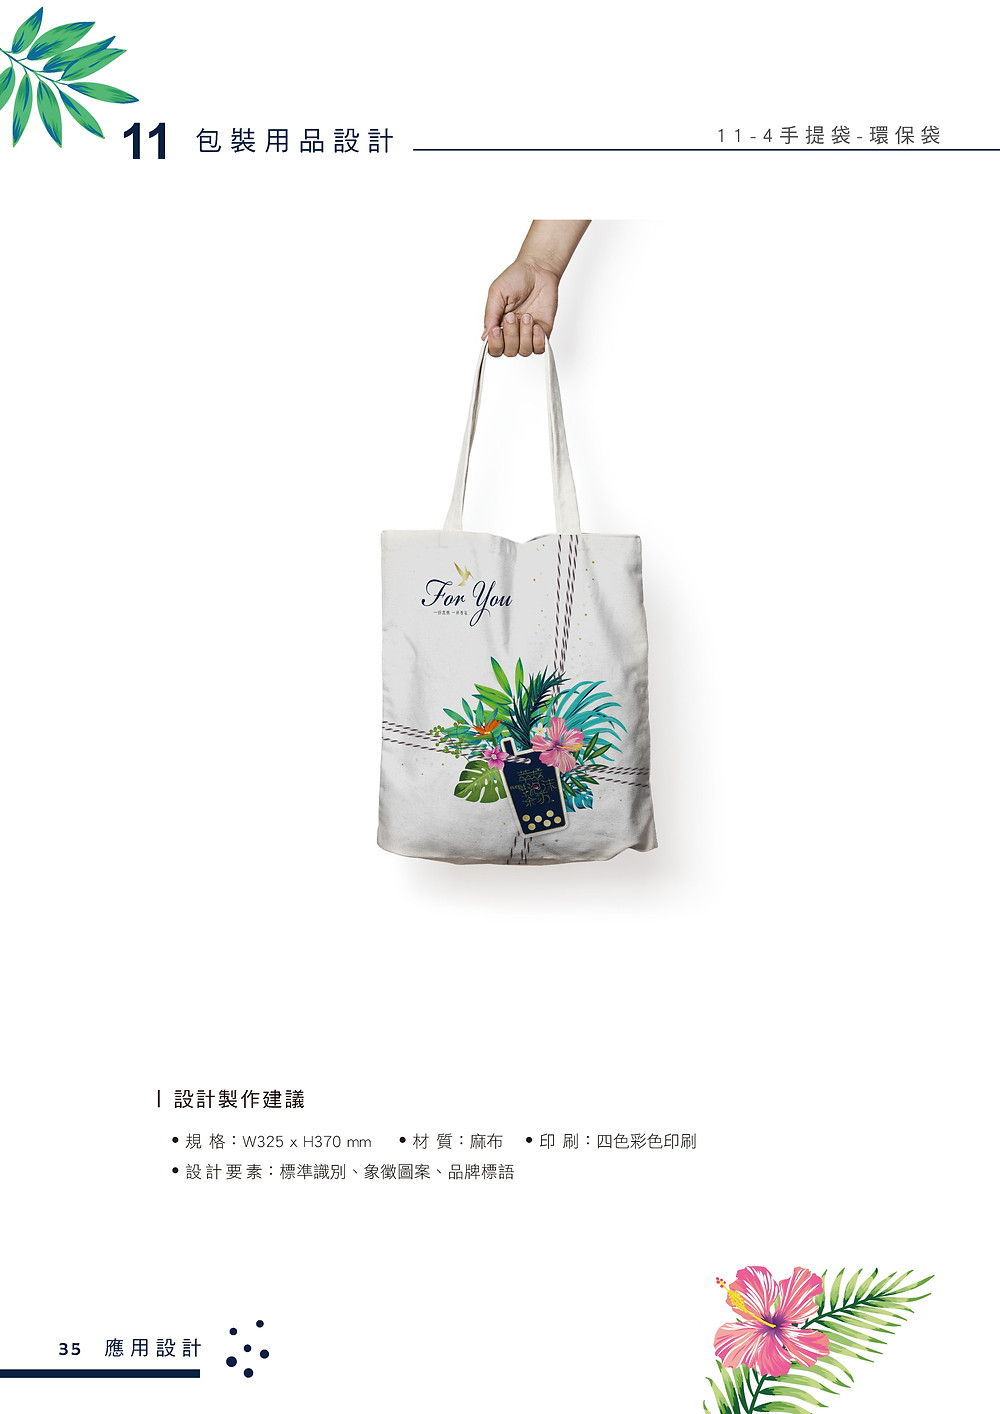 萃萃泡沫茶坊 品牌識別系統手冊 環保袋設計